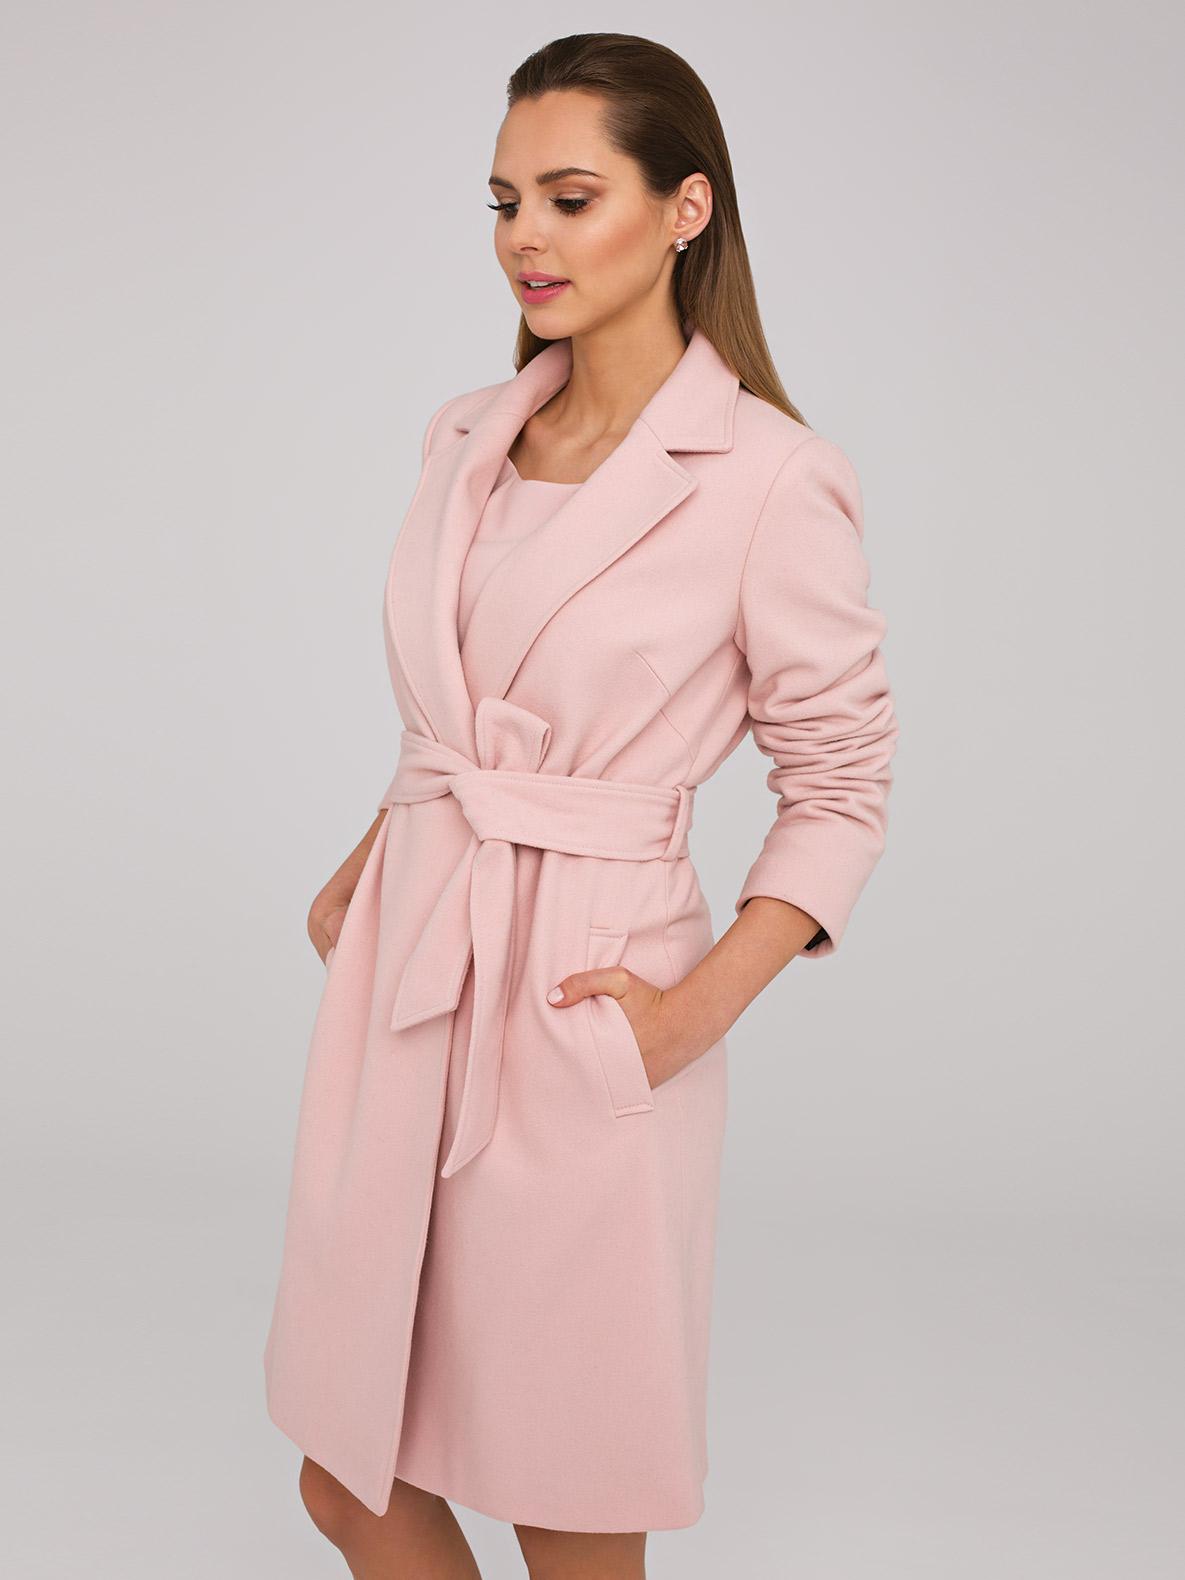 Coat Rose